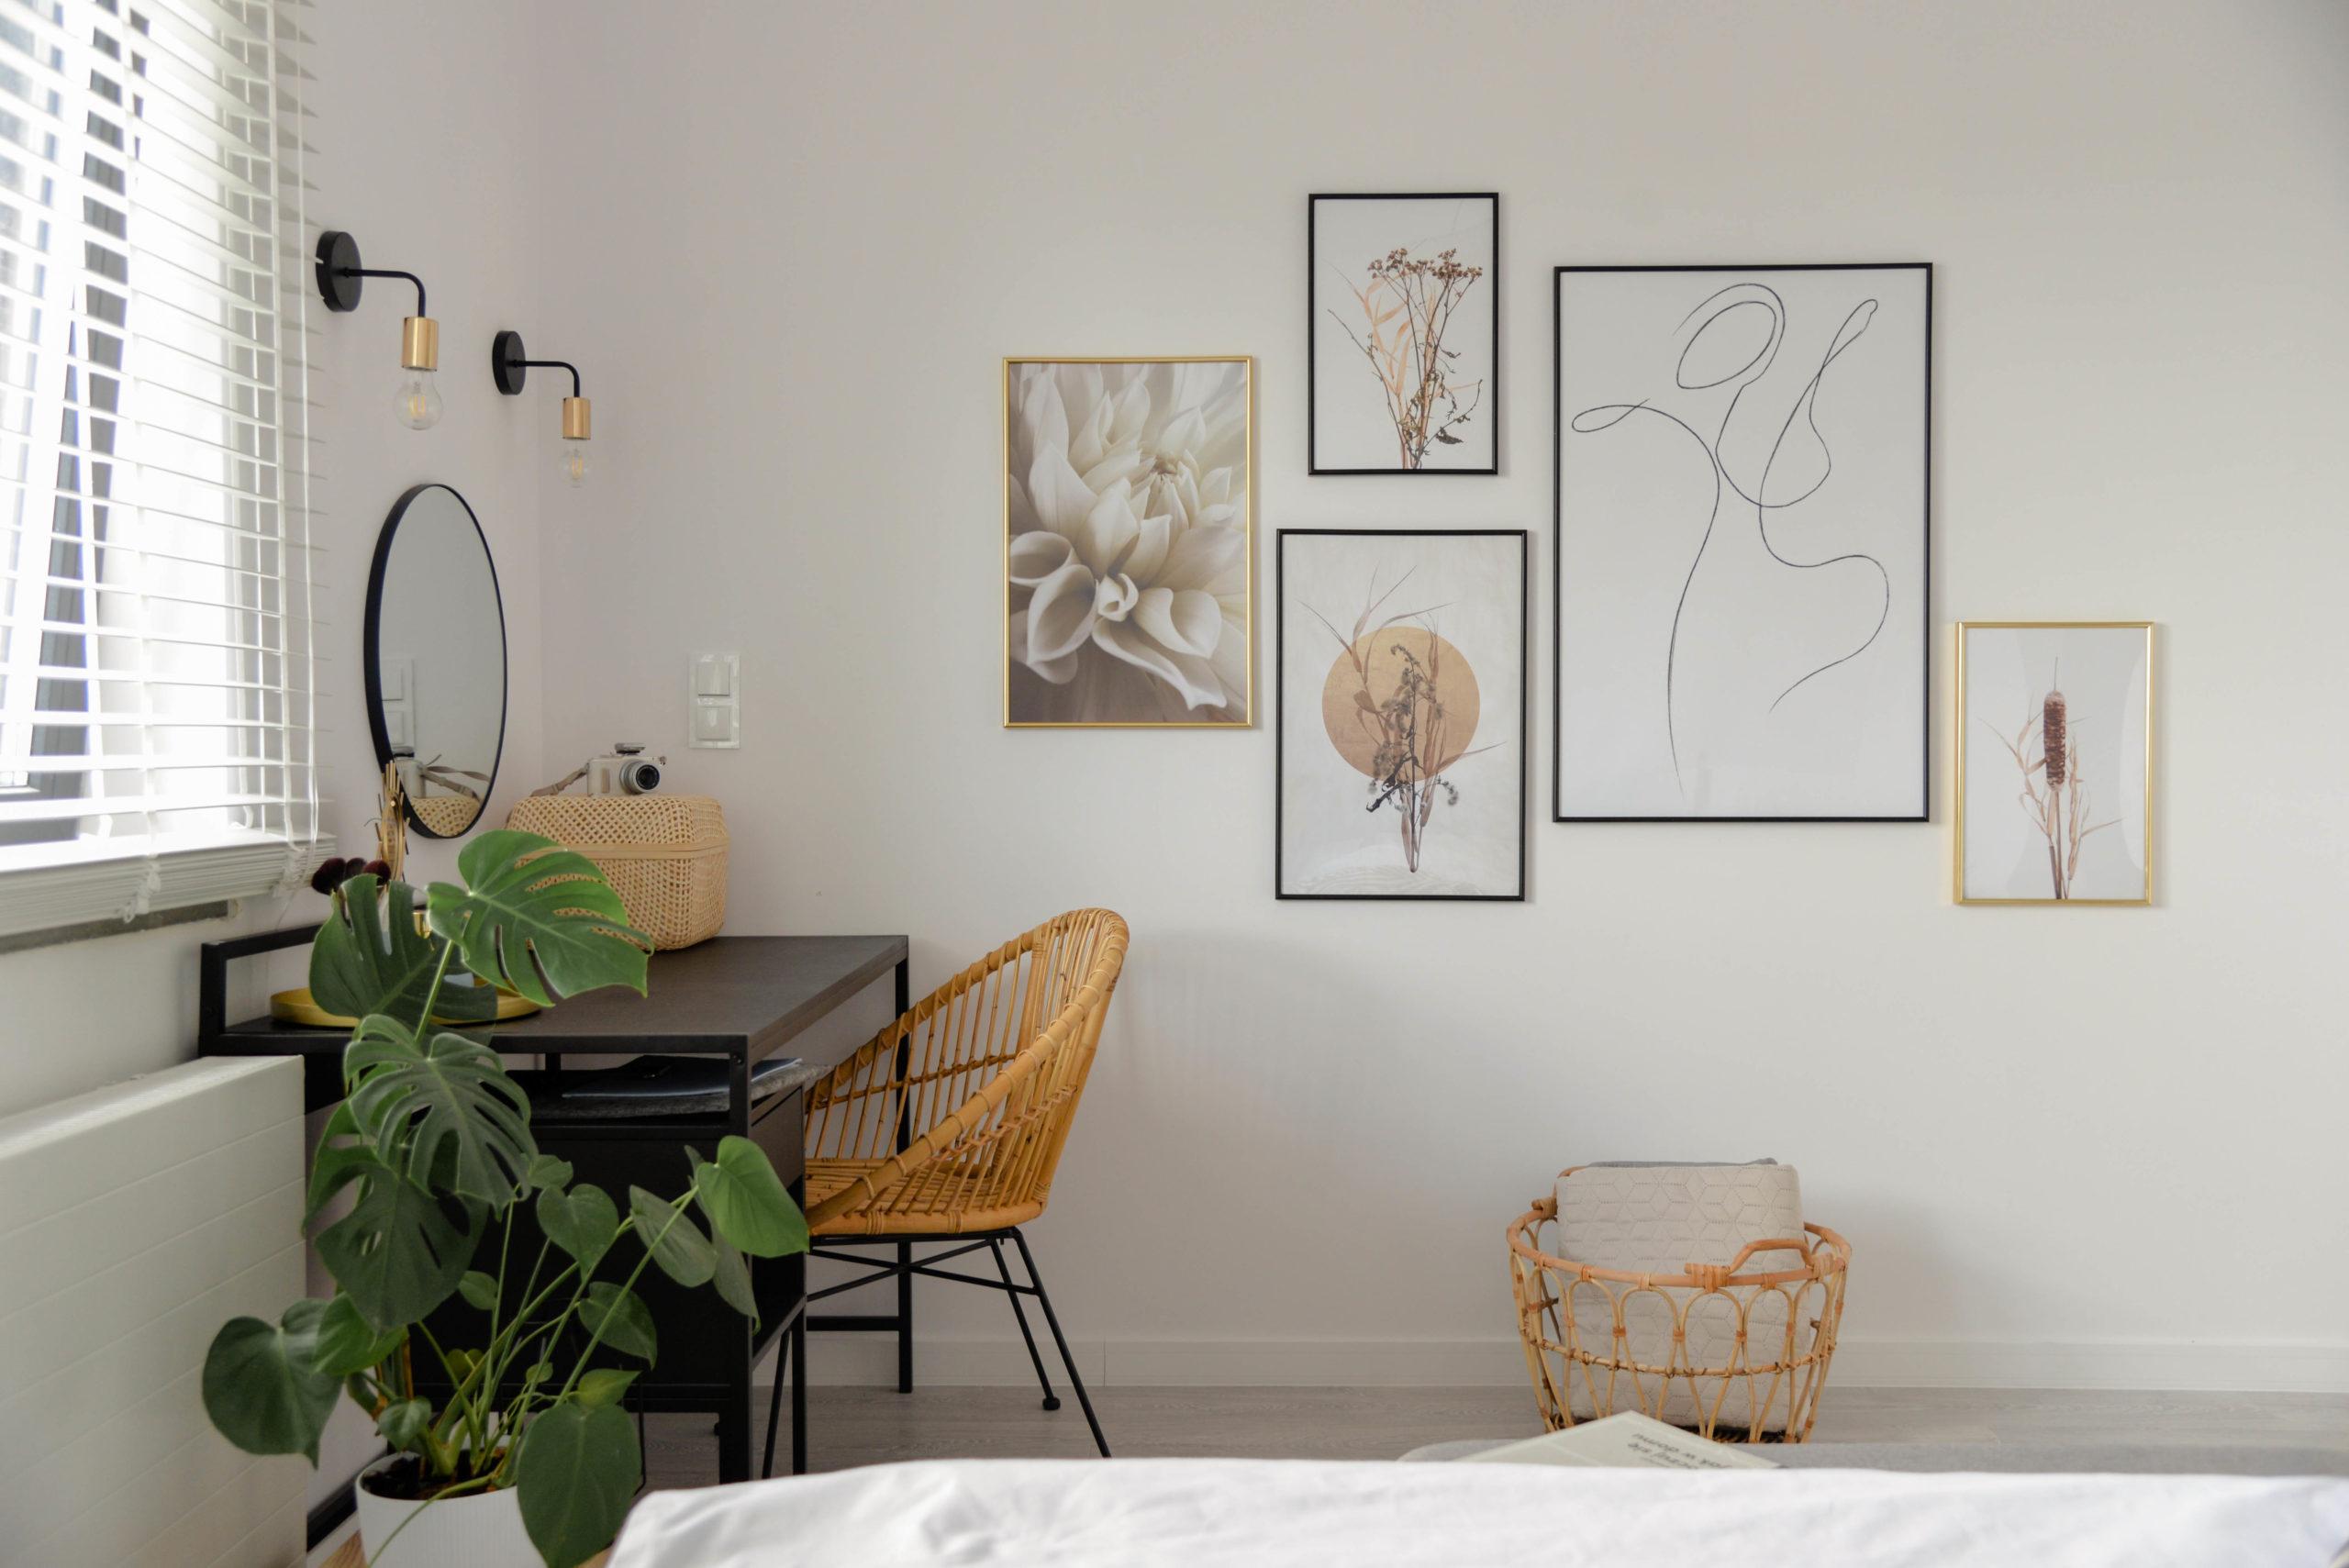 Metamorfoza naszej sypialni- zobacz jak kilka dodatków wprowadziło klimat stylu boho do naszego wnętrza.